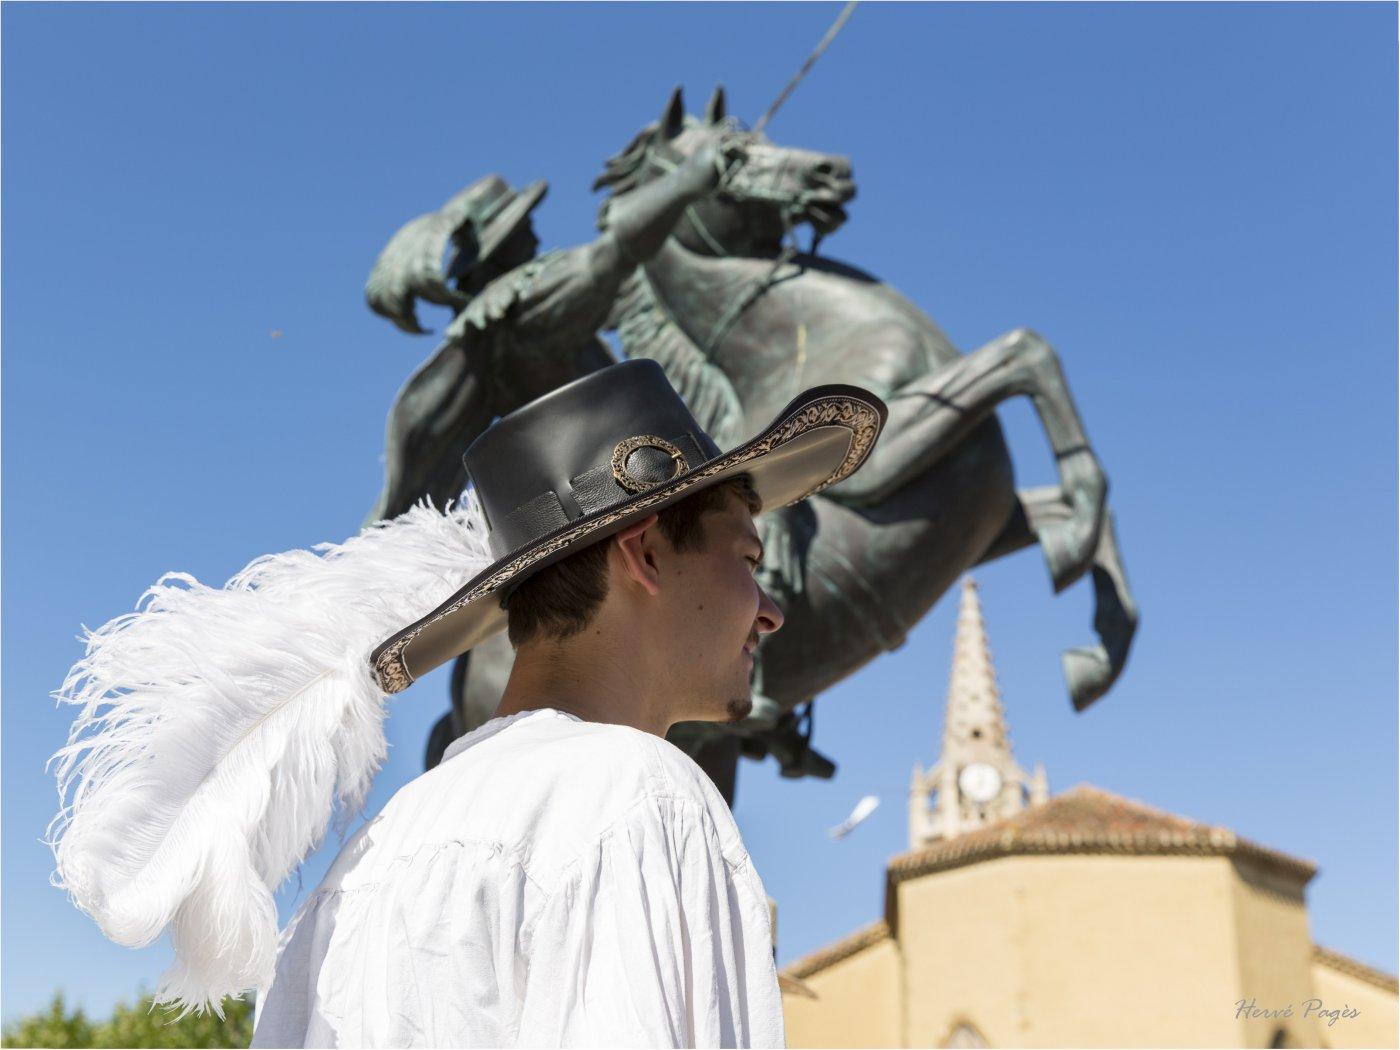 et-reste-de-annee-visitez-lupiac-son-musee-d-artagnan-et-sa-statue-equestre-du-celebre-mousquetaire-et-lancez-sur-route-europeenne-d-artagnan-relie-lupiac-a-maastricht-pays-bas-d-artagnan-fut-tue-1673